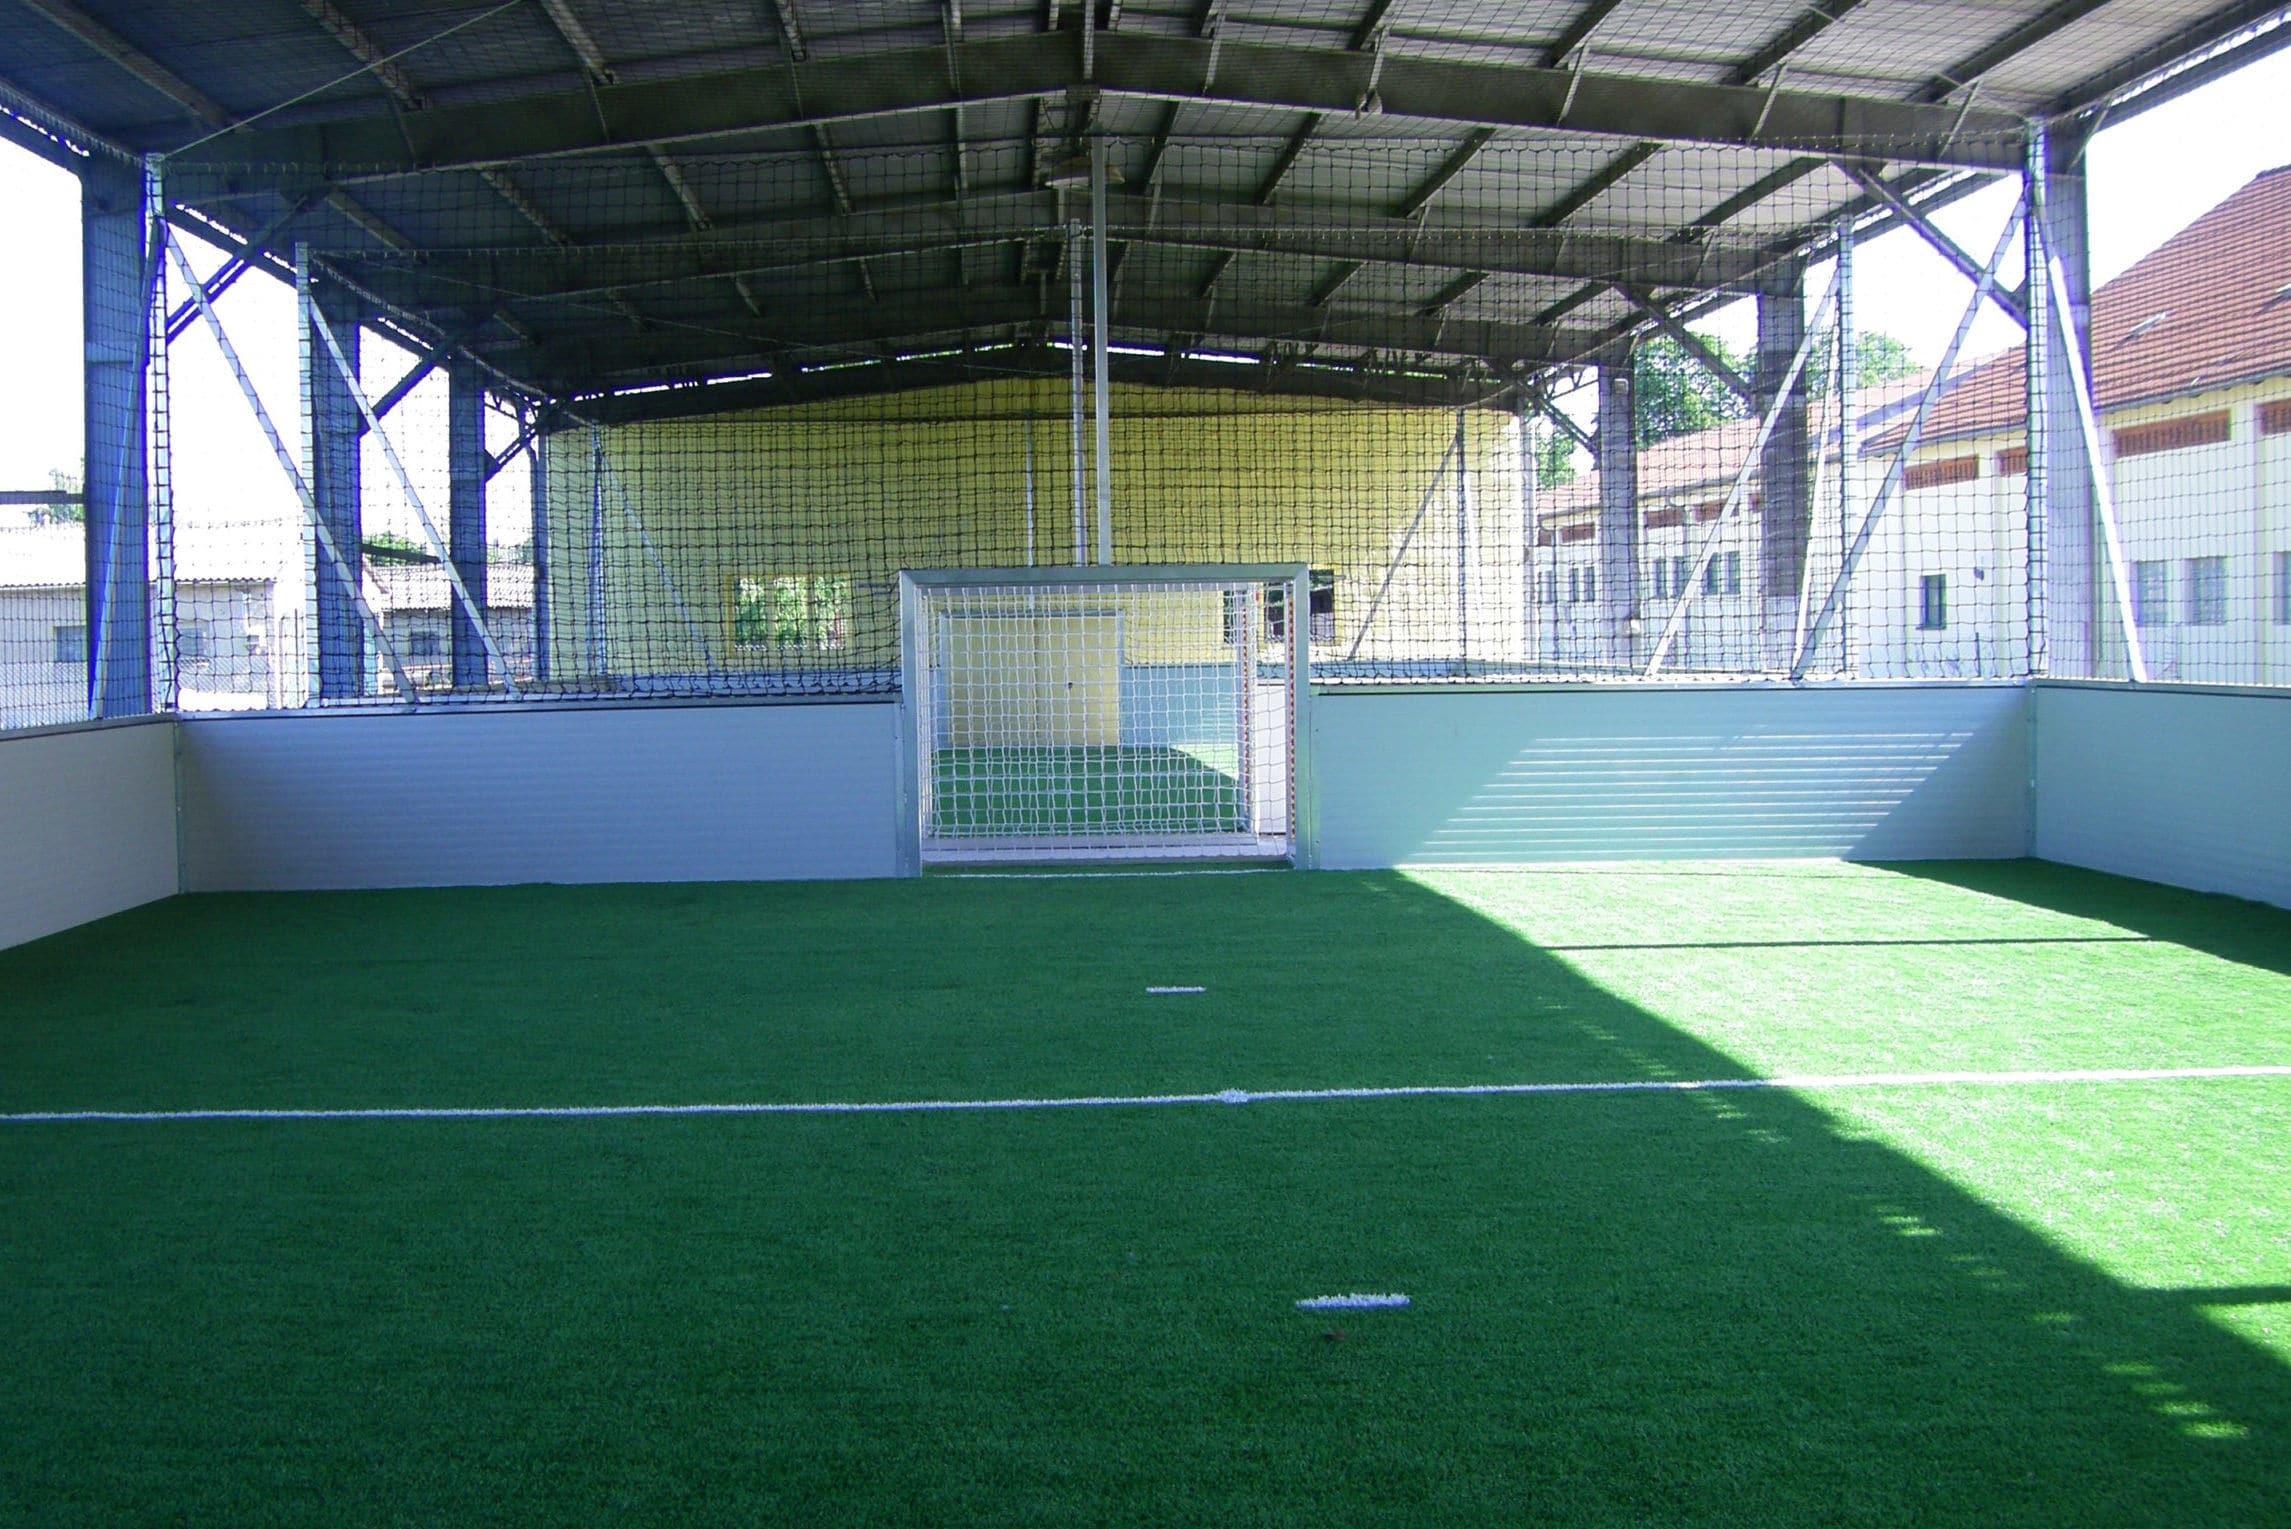 Indoor-Soccerhalle auf Kunstrasen beim Trainingslager am See